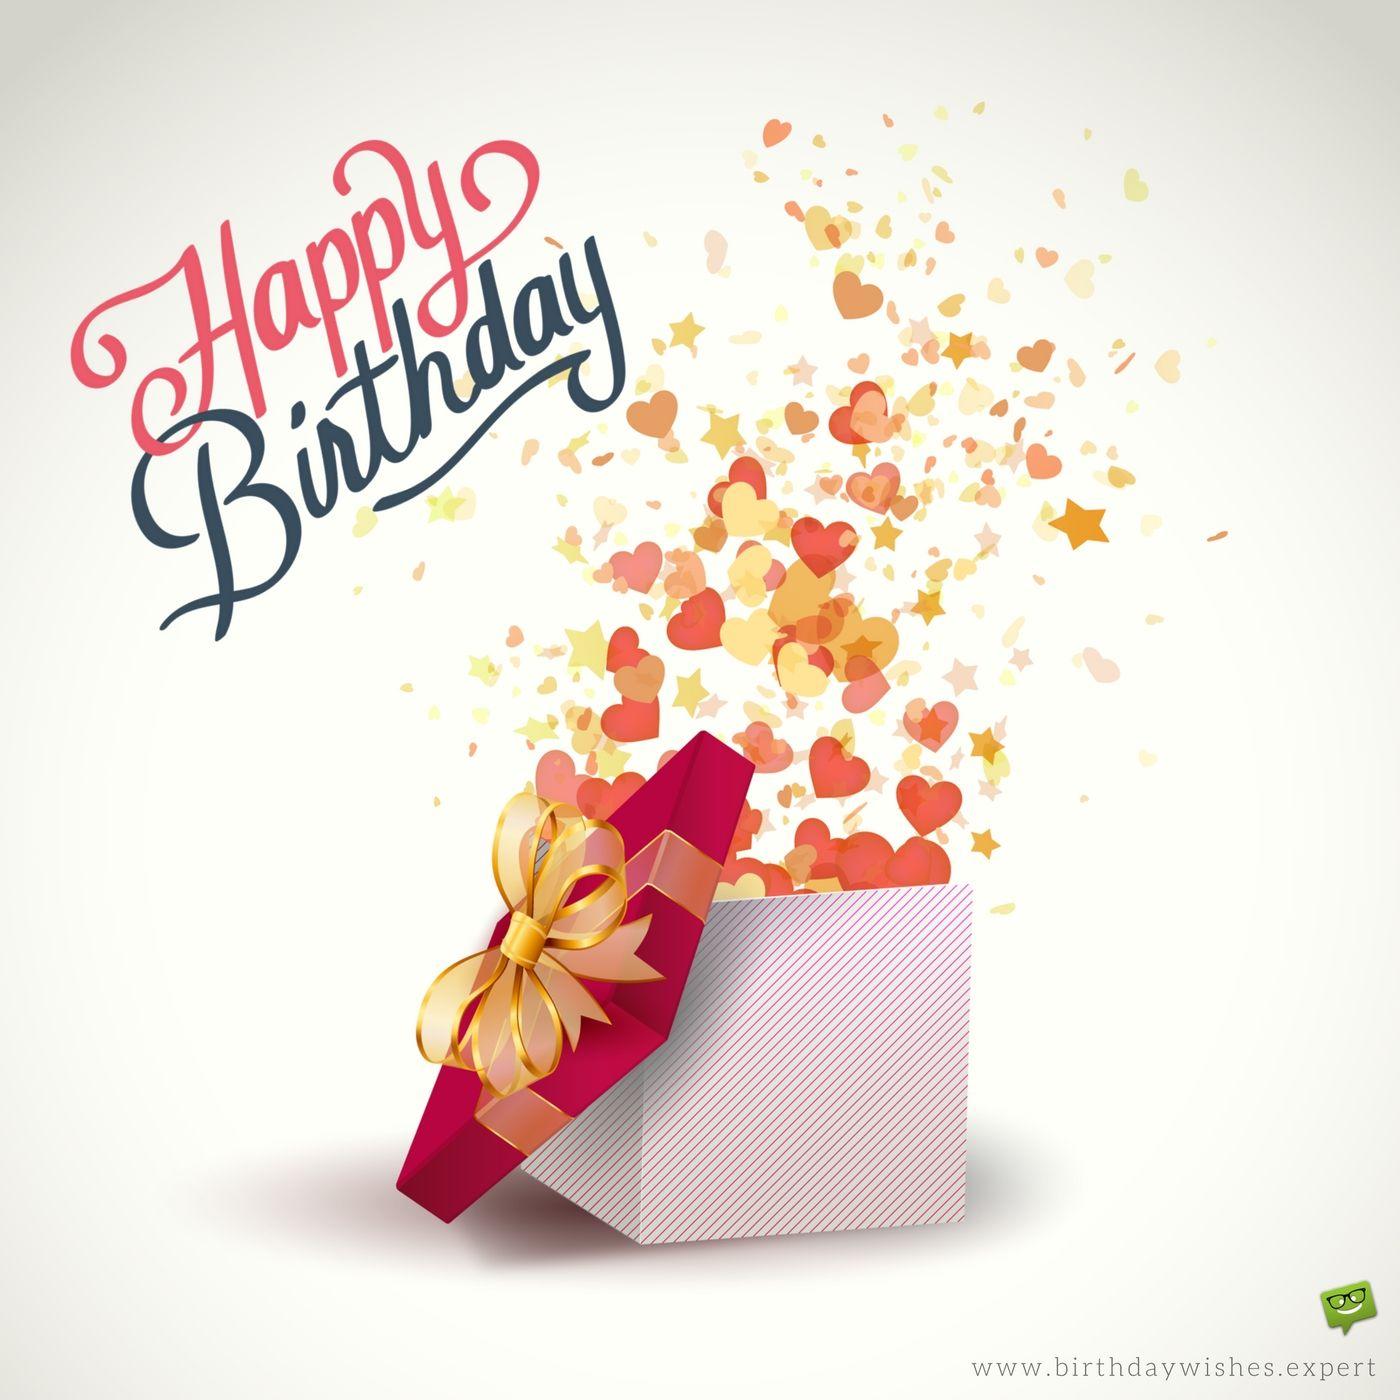 Happy Birthday To You Happy birthday greetings, Birthday